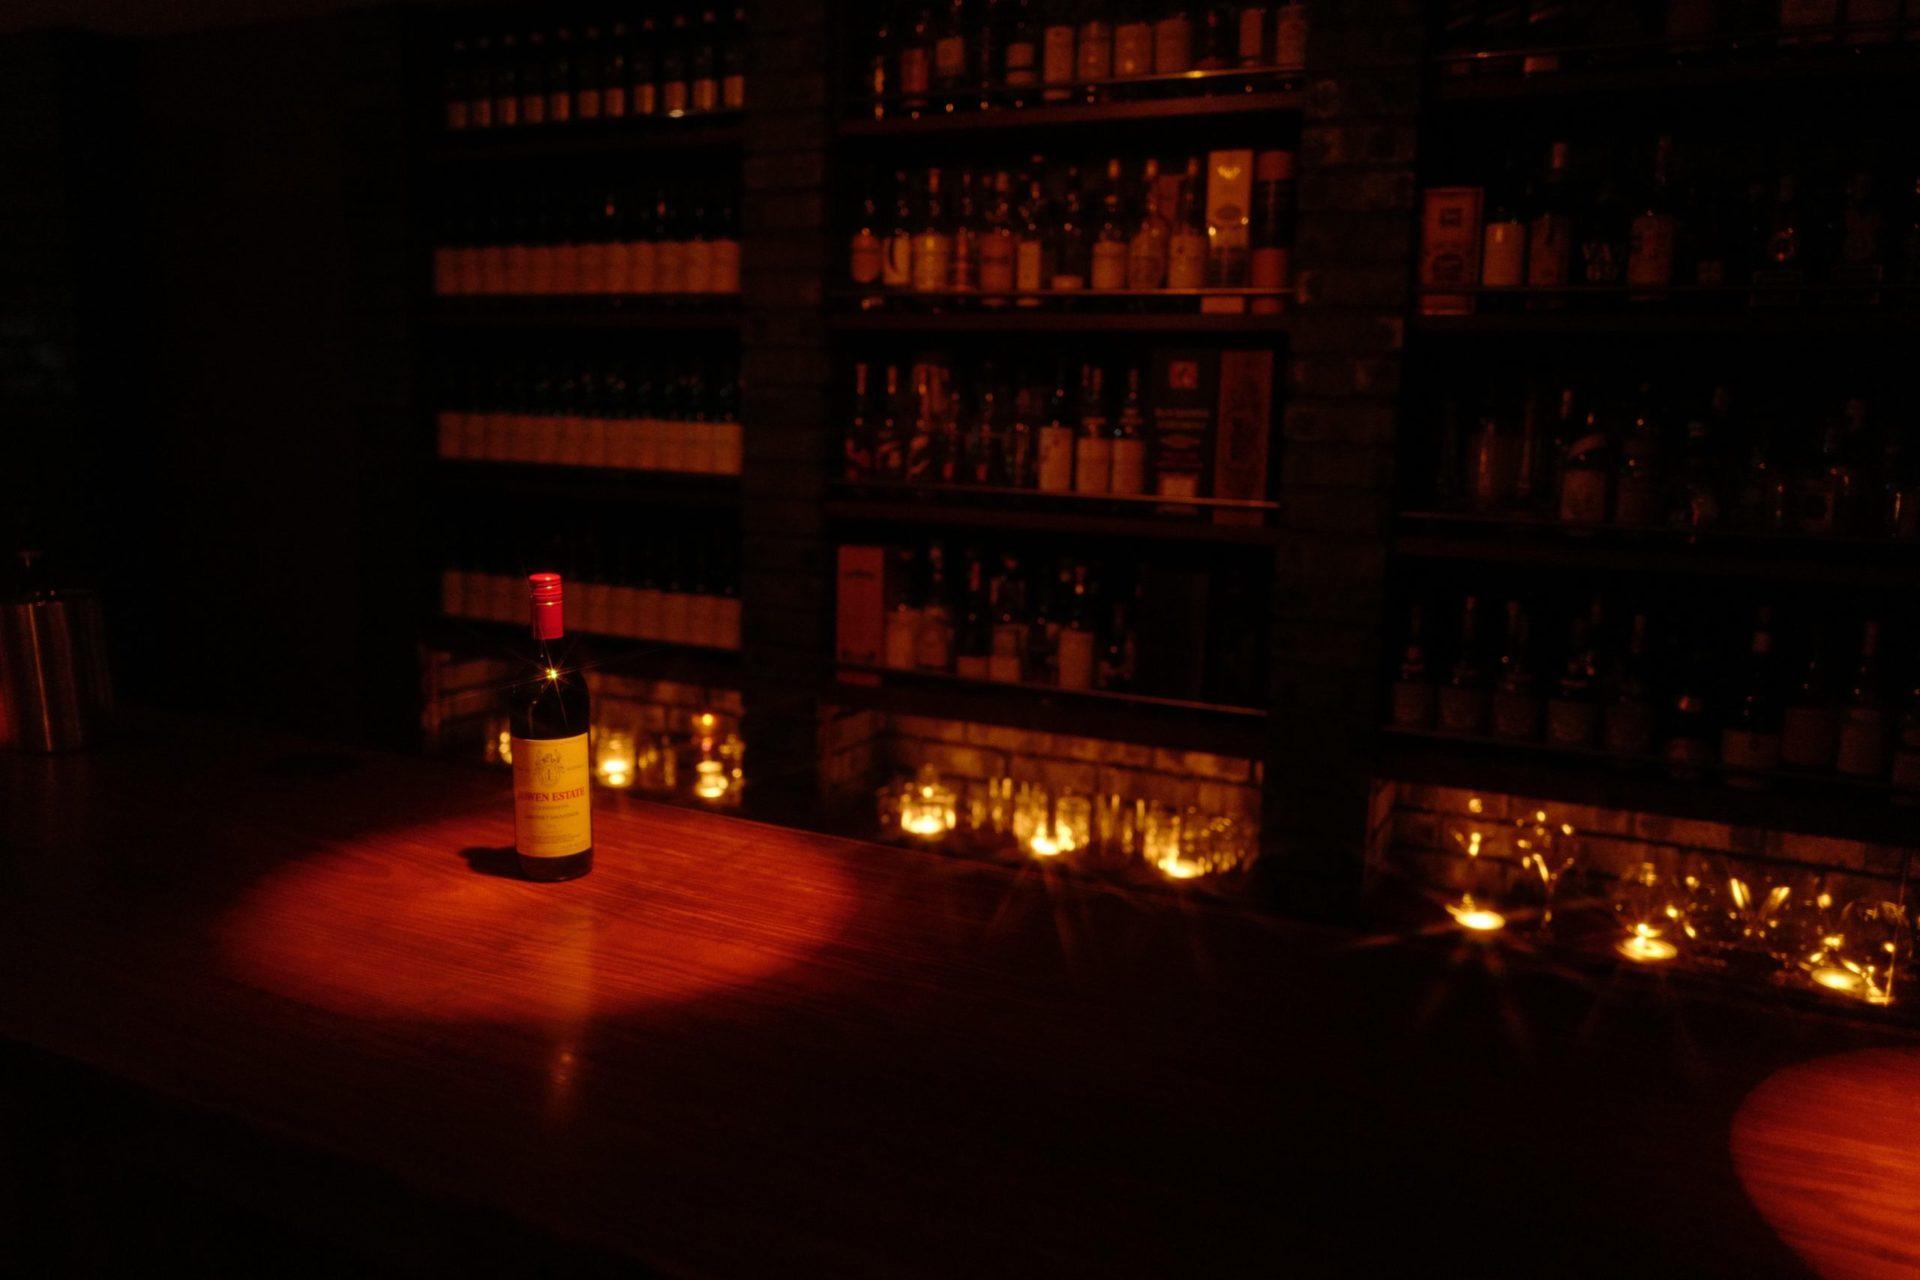 ワインが好きな人に出会える場所やイベントってどんなのがあるの?